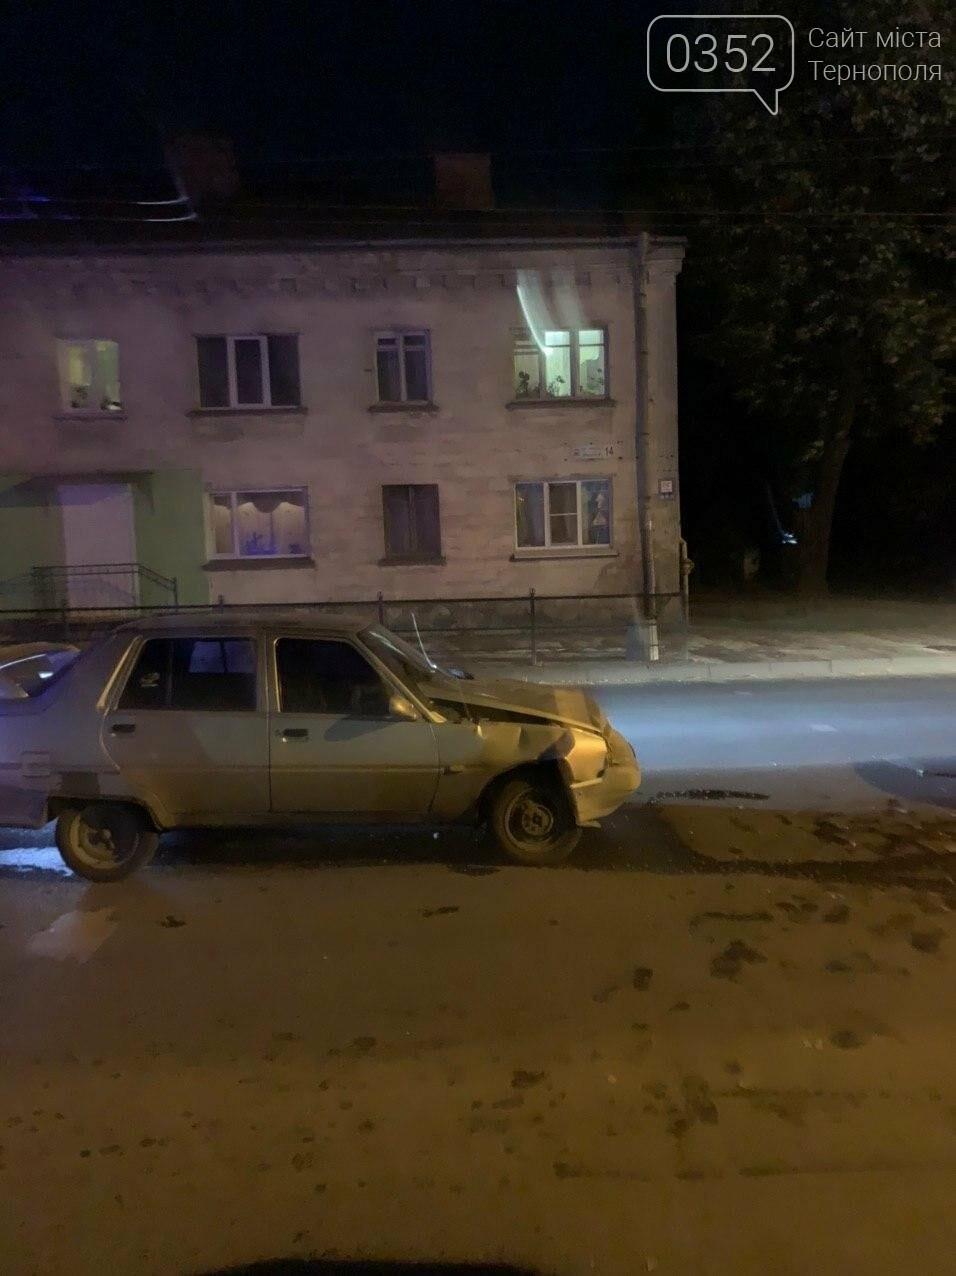 Внаслідок нічної ДТП у Тернополі двоє людей опинилися в лікарні (ФОТО), фото-1